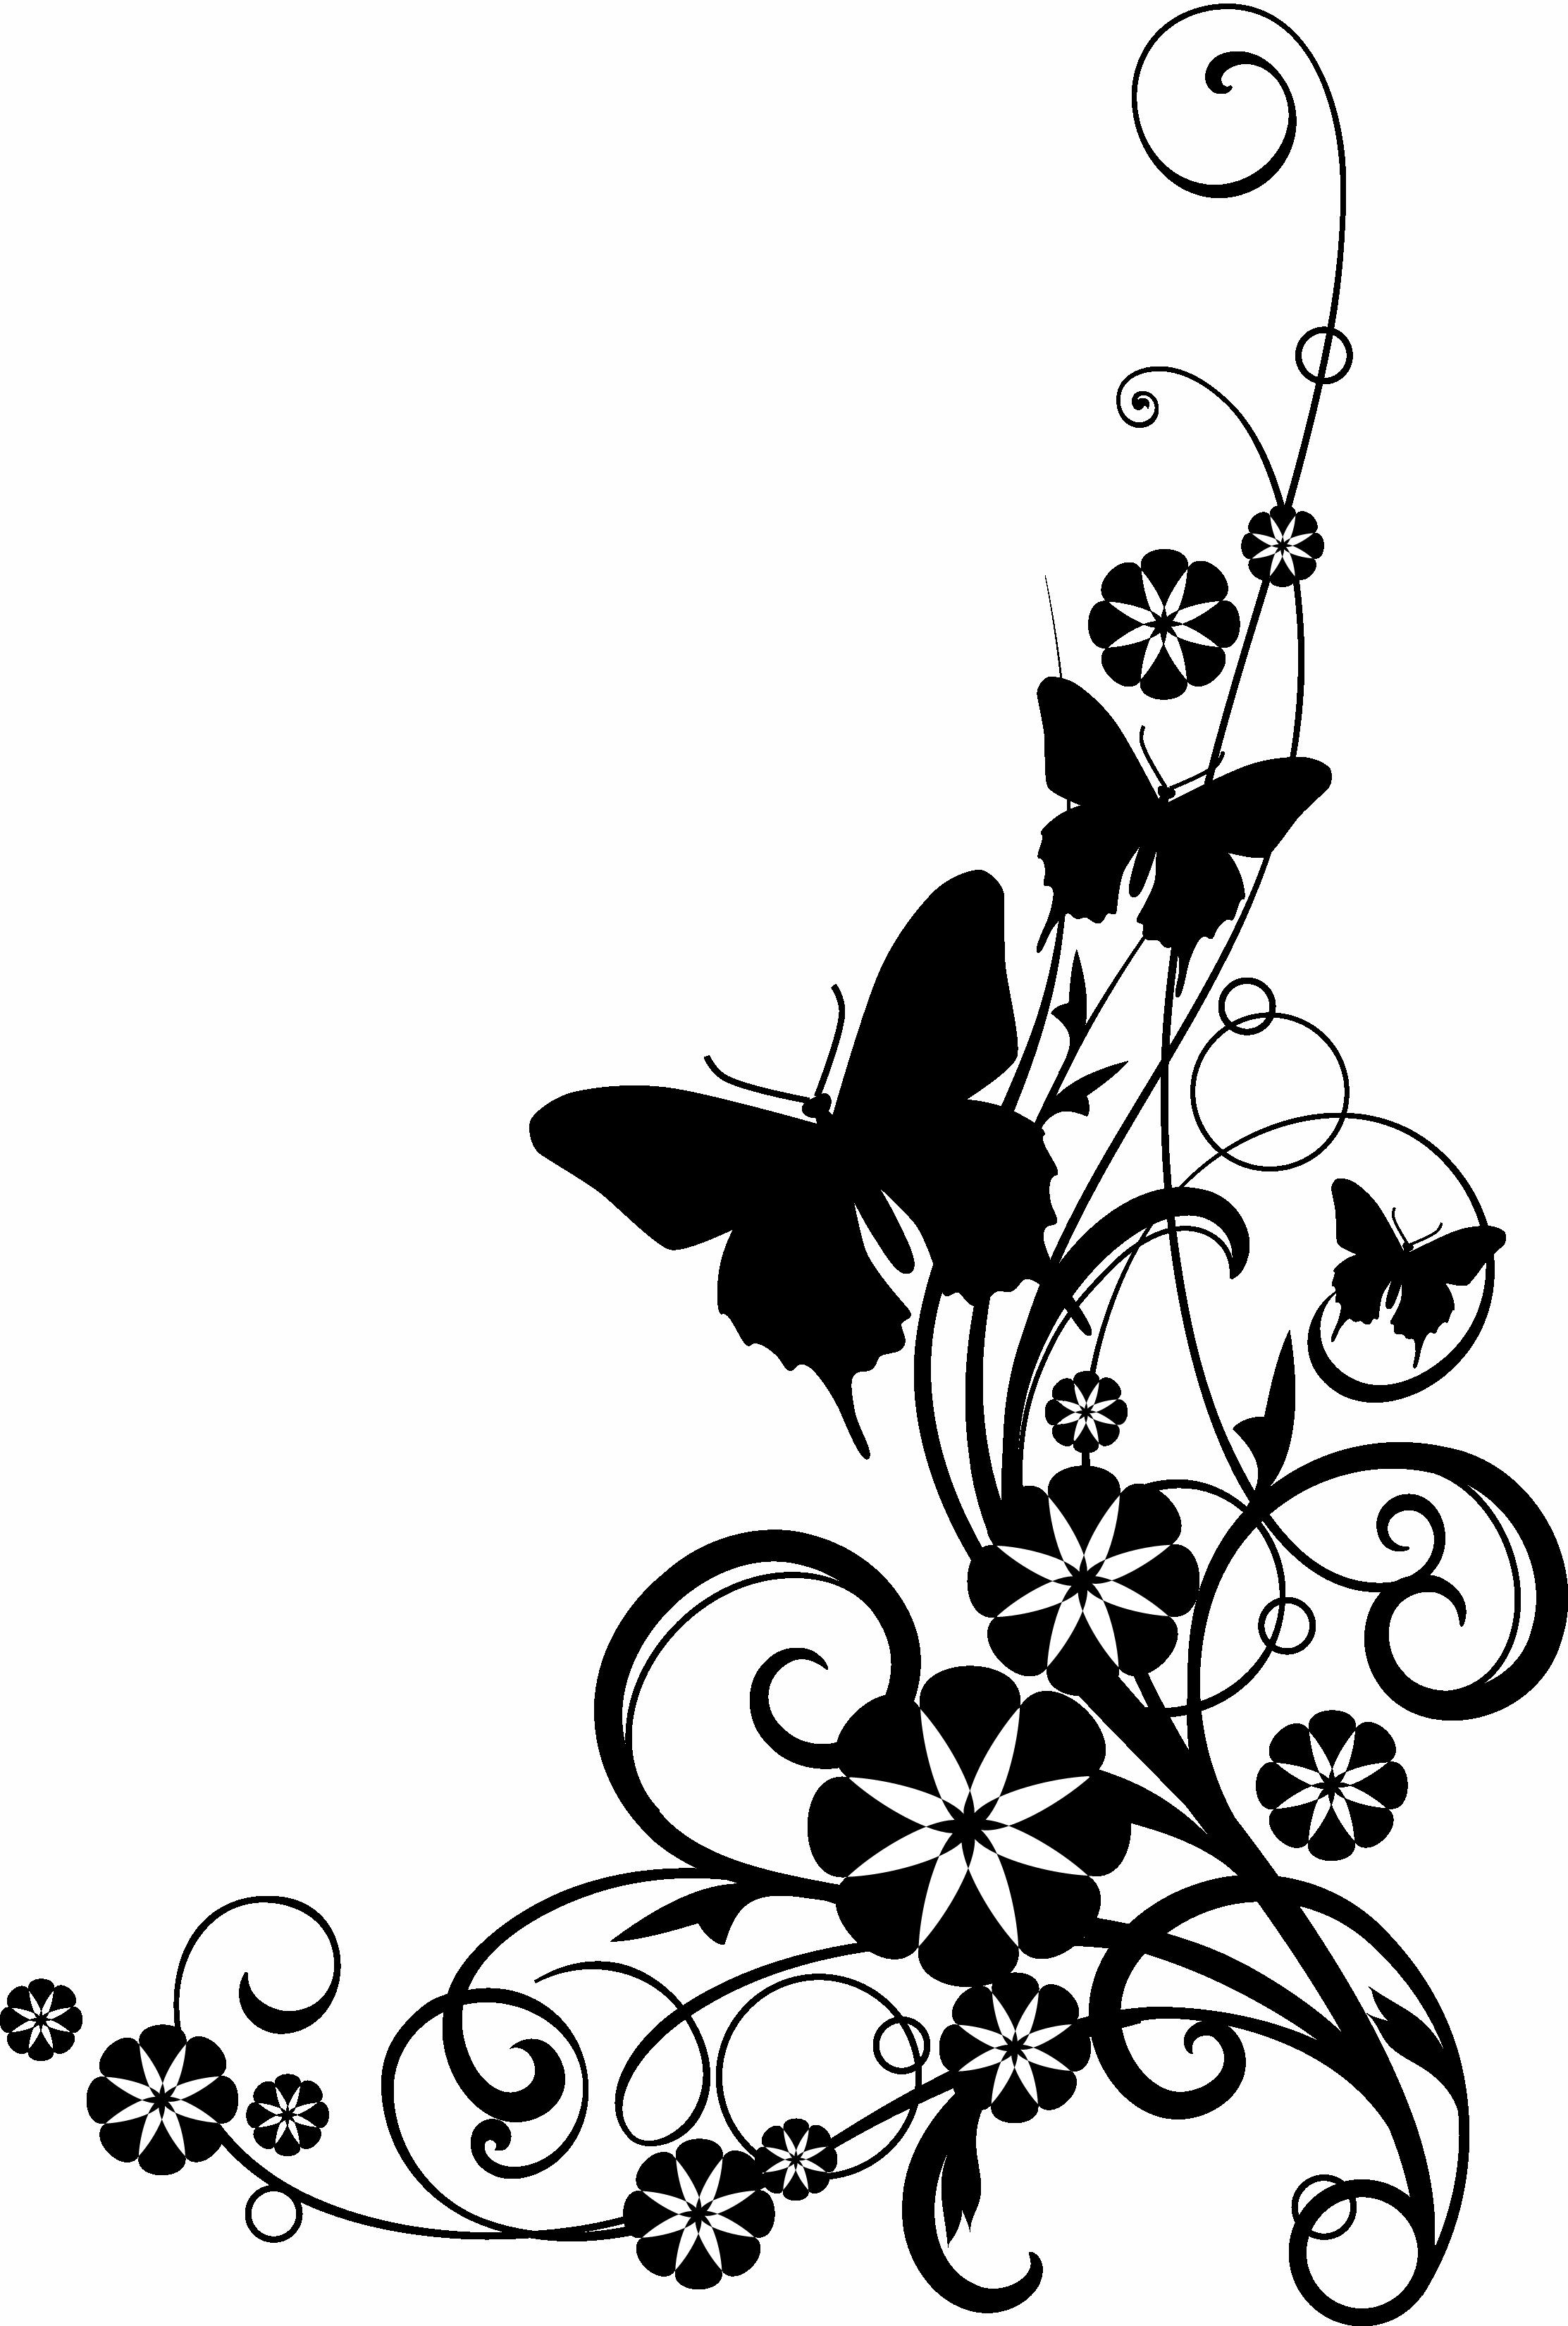 Black And White Flower Border Clipart Atek9ba6c Png